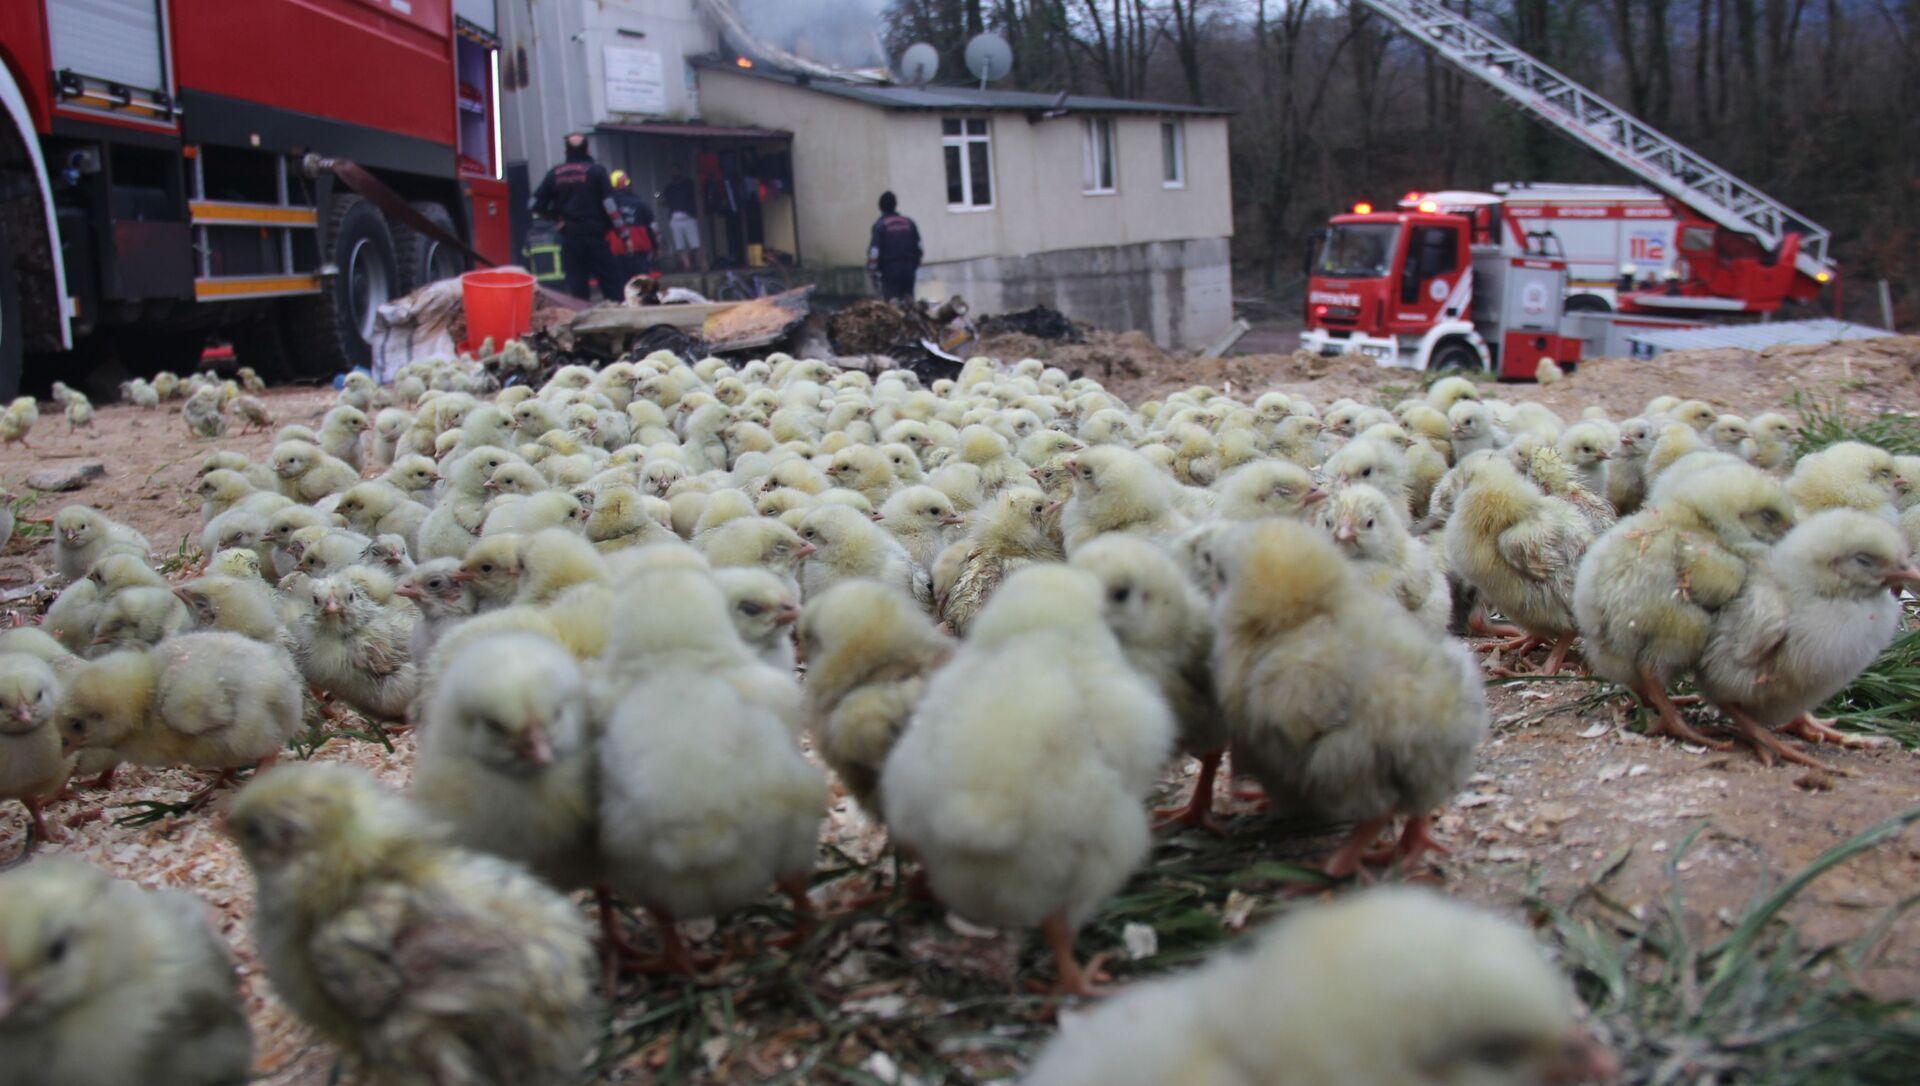 56 bin civcivin bulunduğu çiftlikte yangın, Kocaeli - Sputnik Türkiye, 1920, 01.02.2021